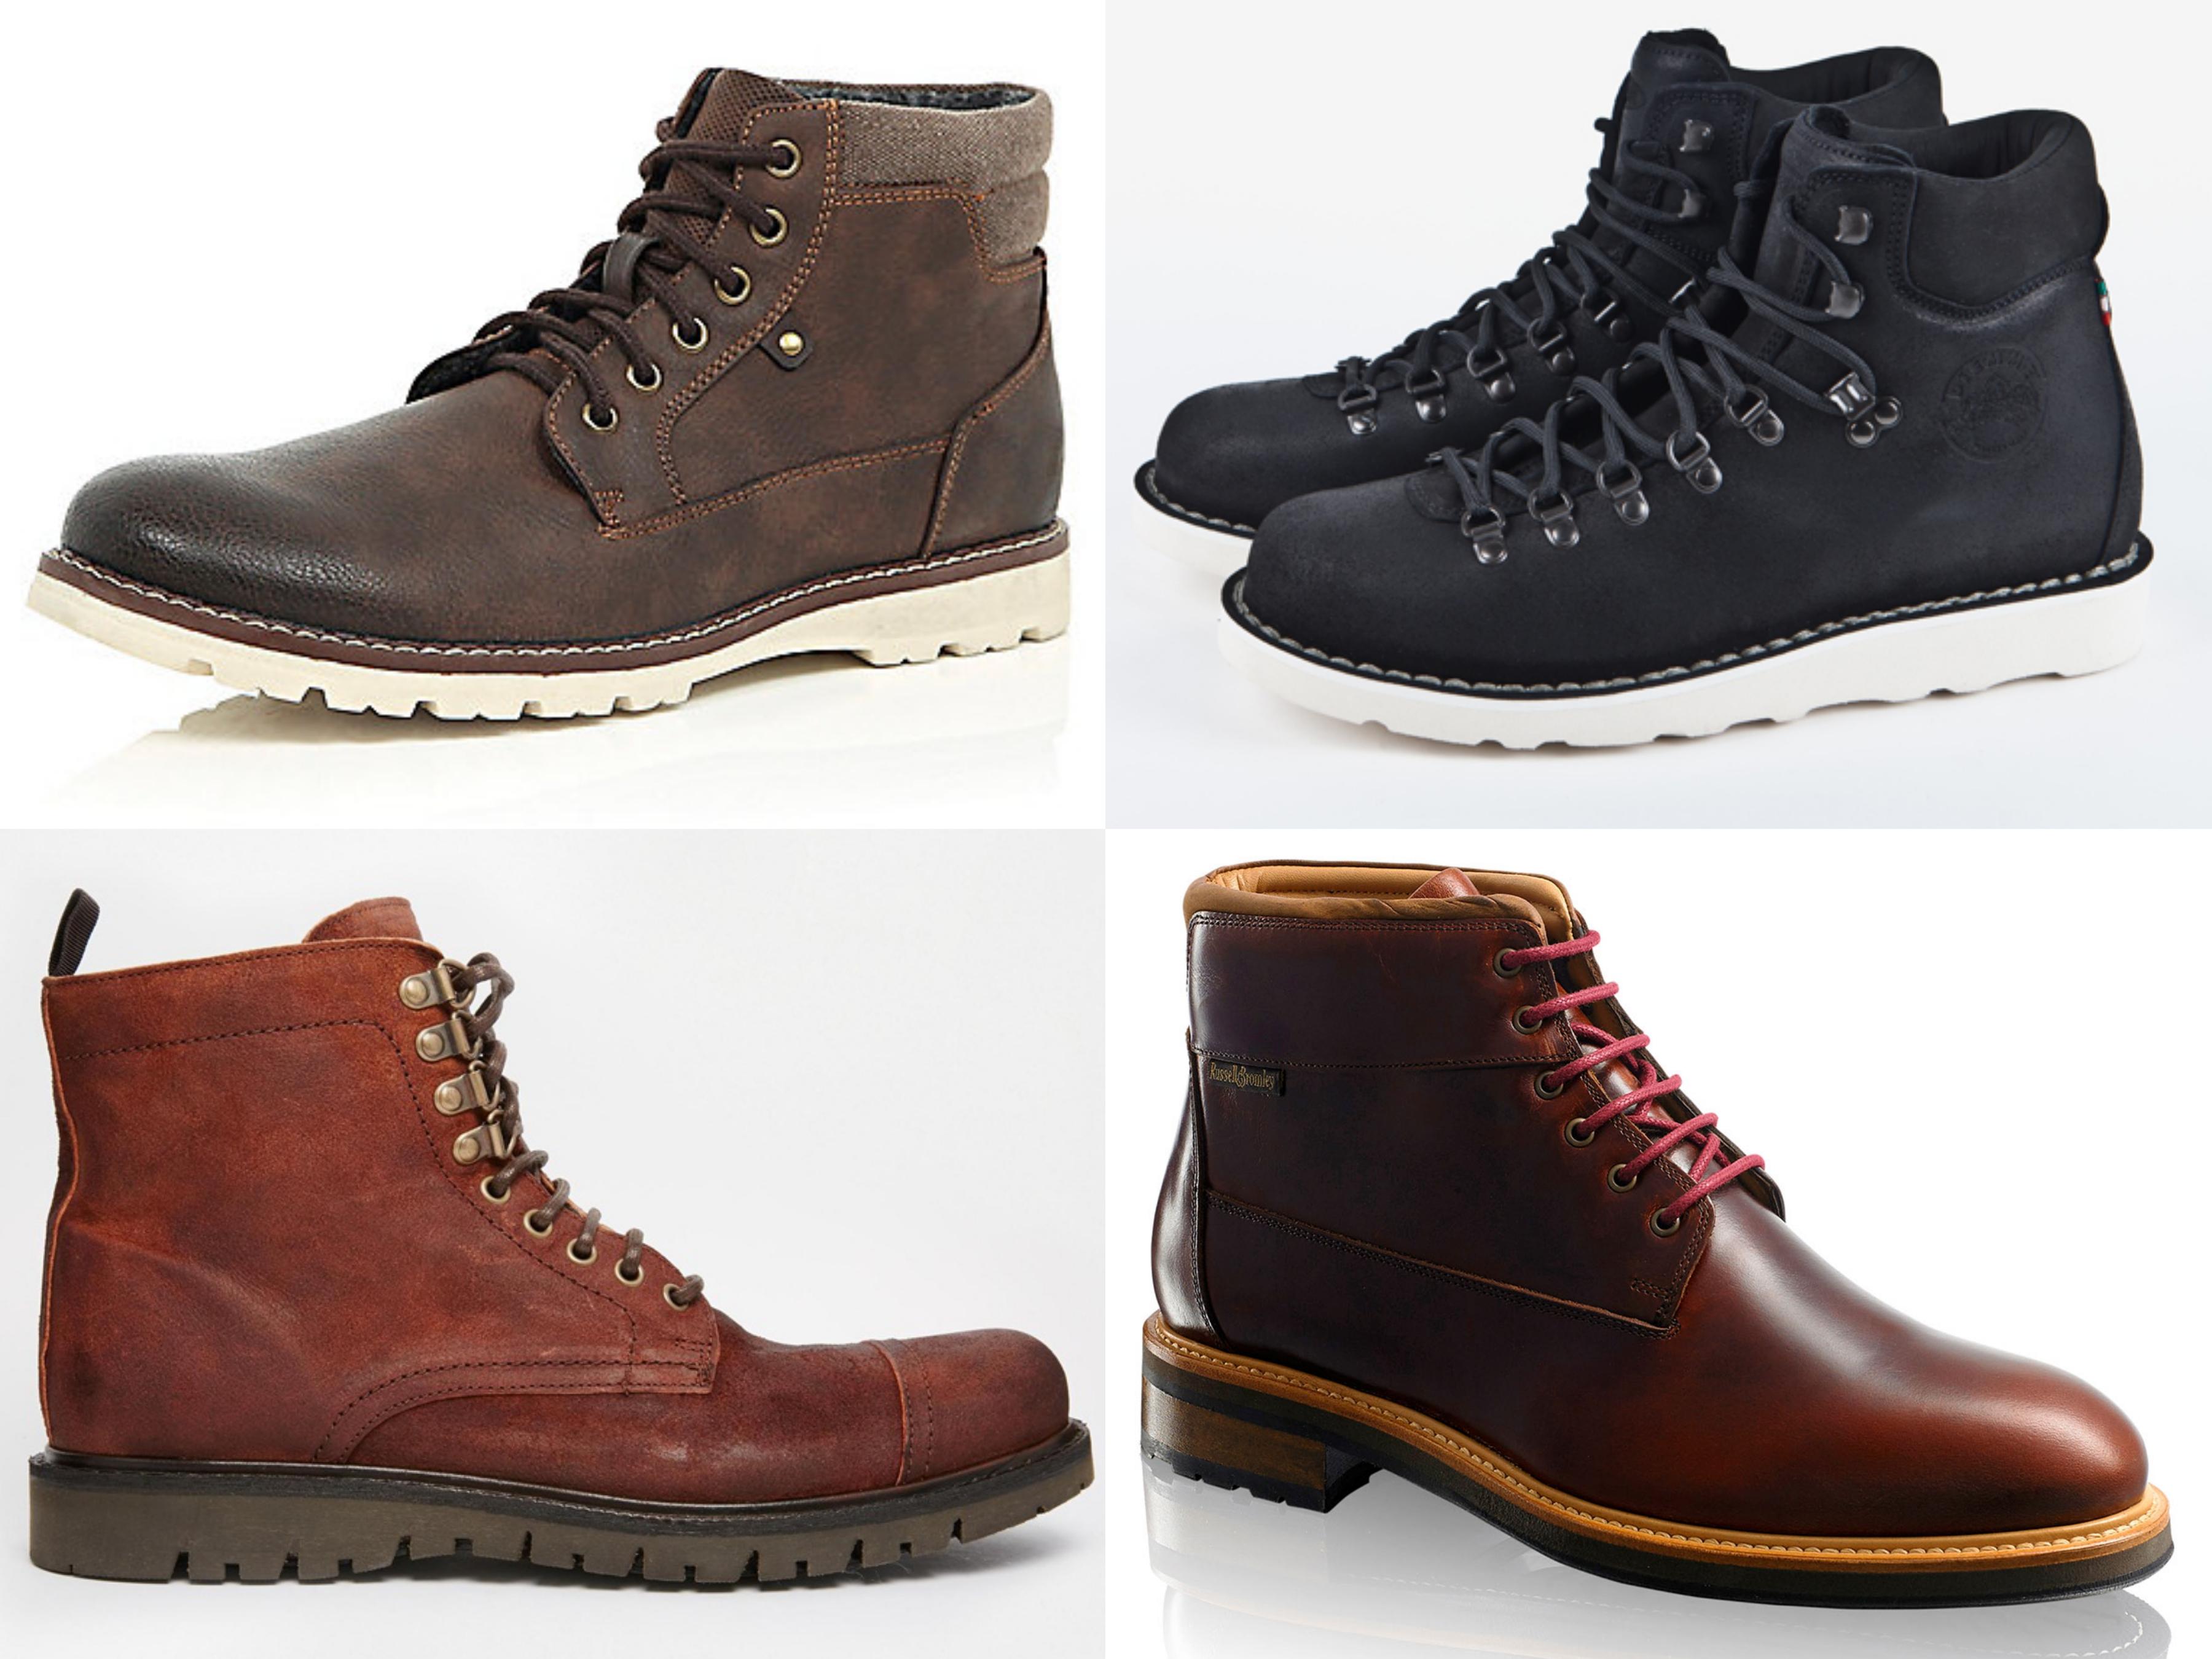 diemme roccia vet boots_Fotor_Collage